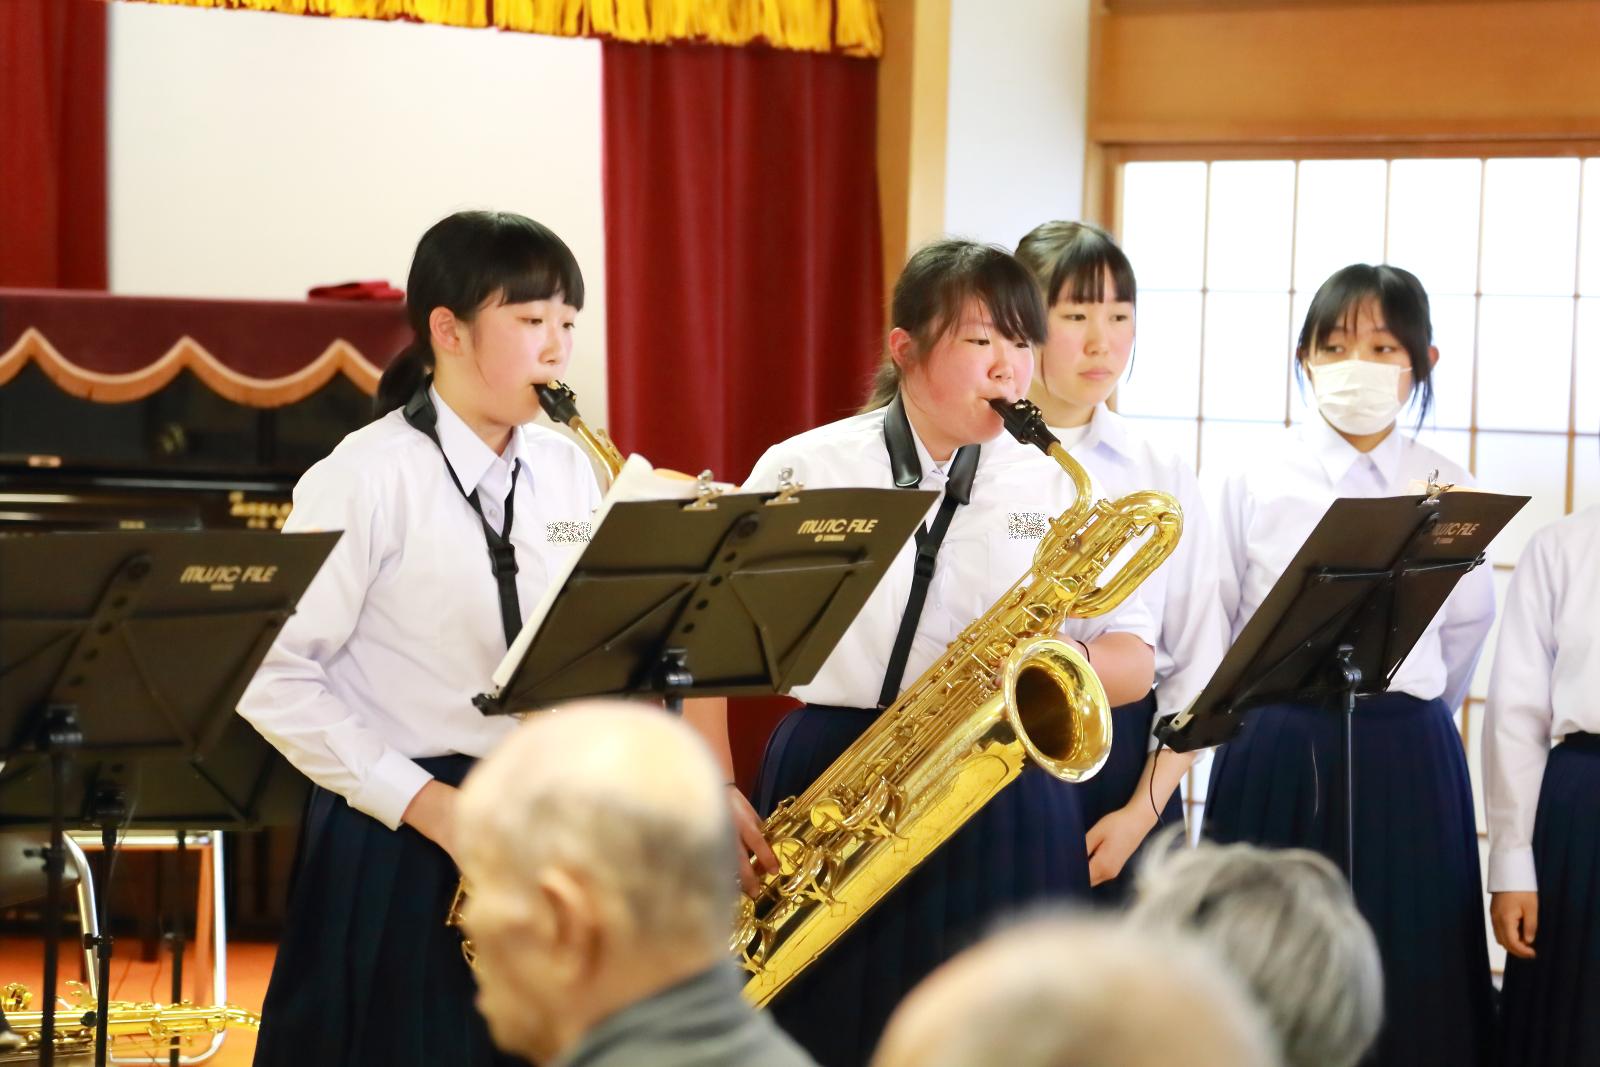 楽器演奏する生徒